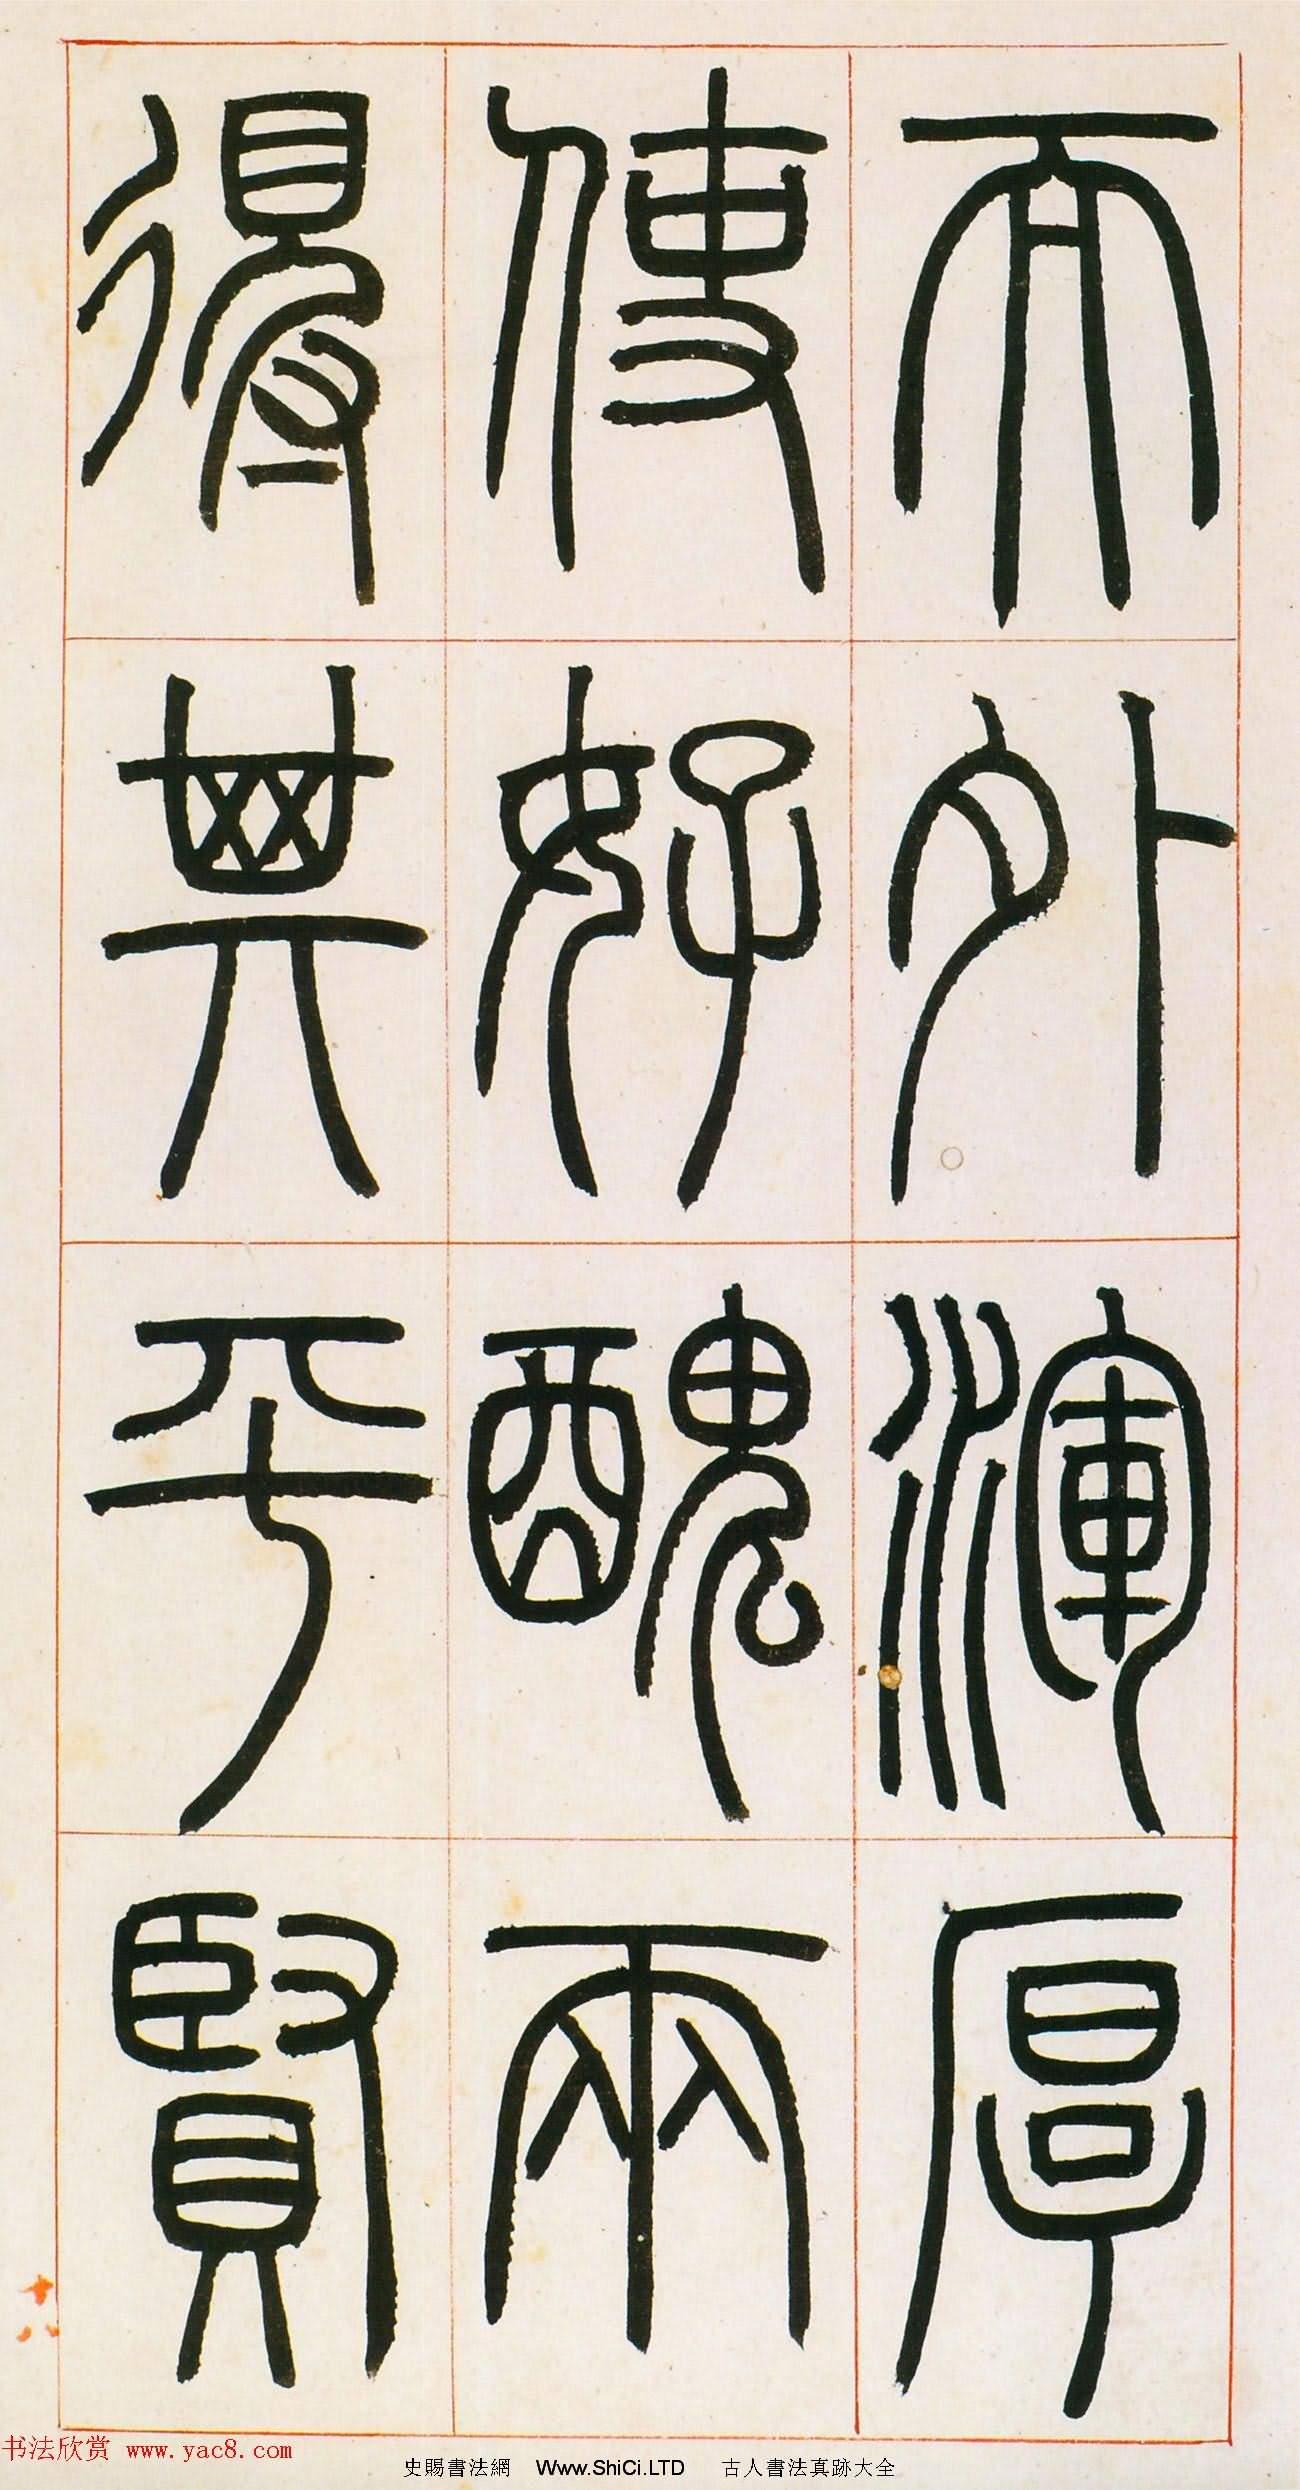 鄧石如篆書欣賞《八闥冊》無錫博物館藏本